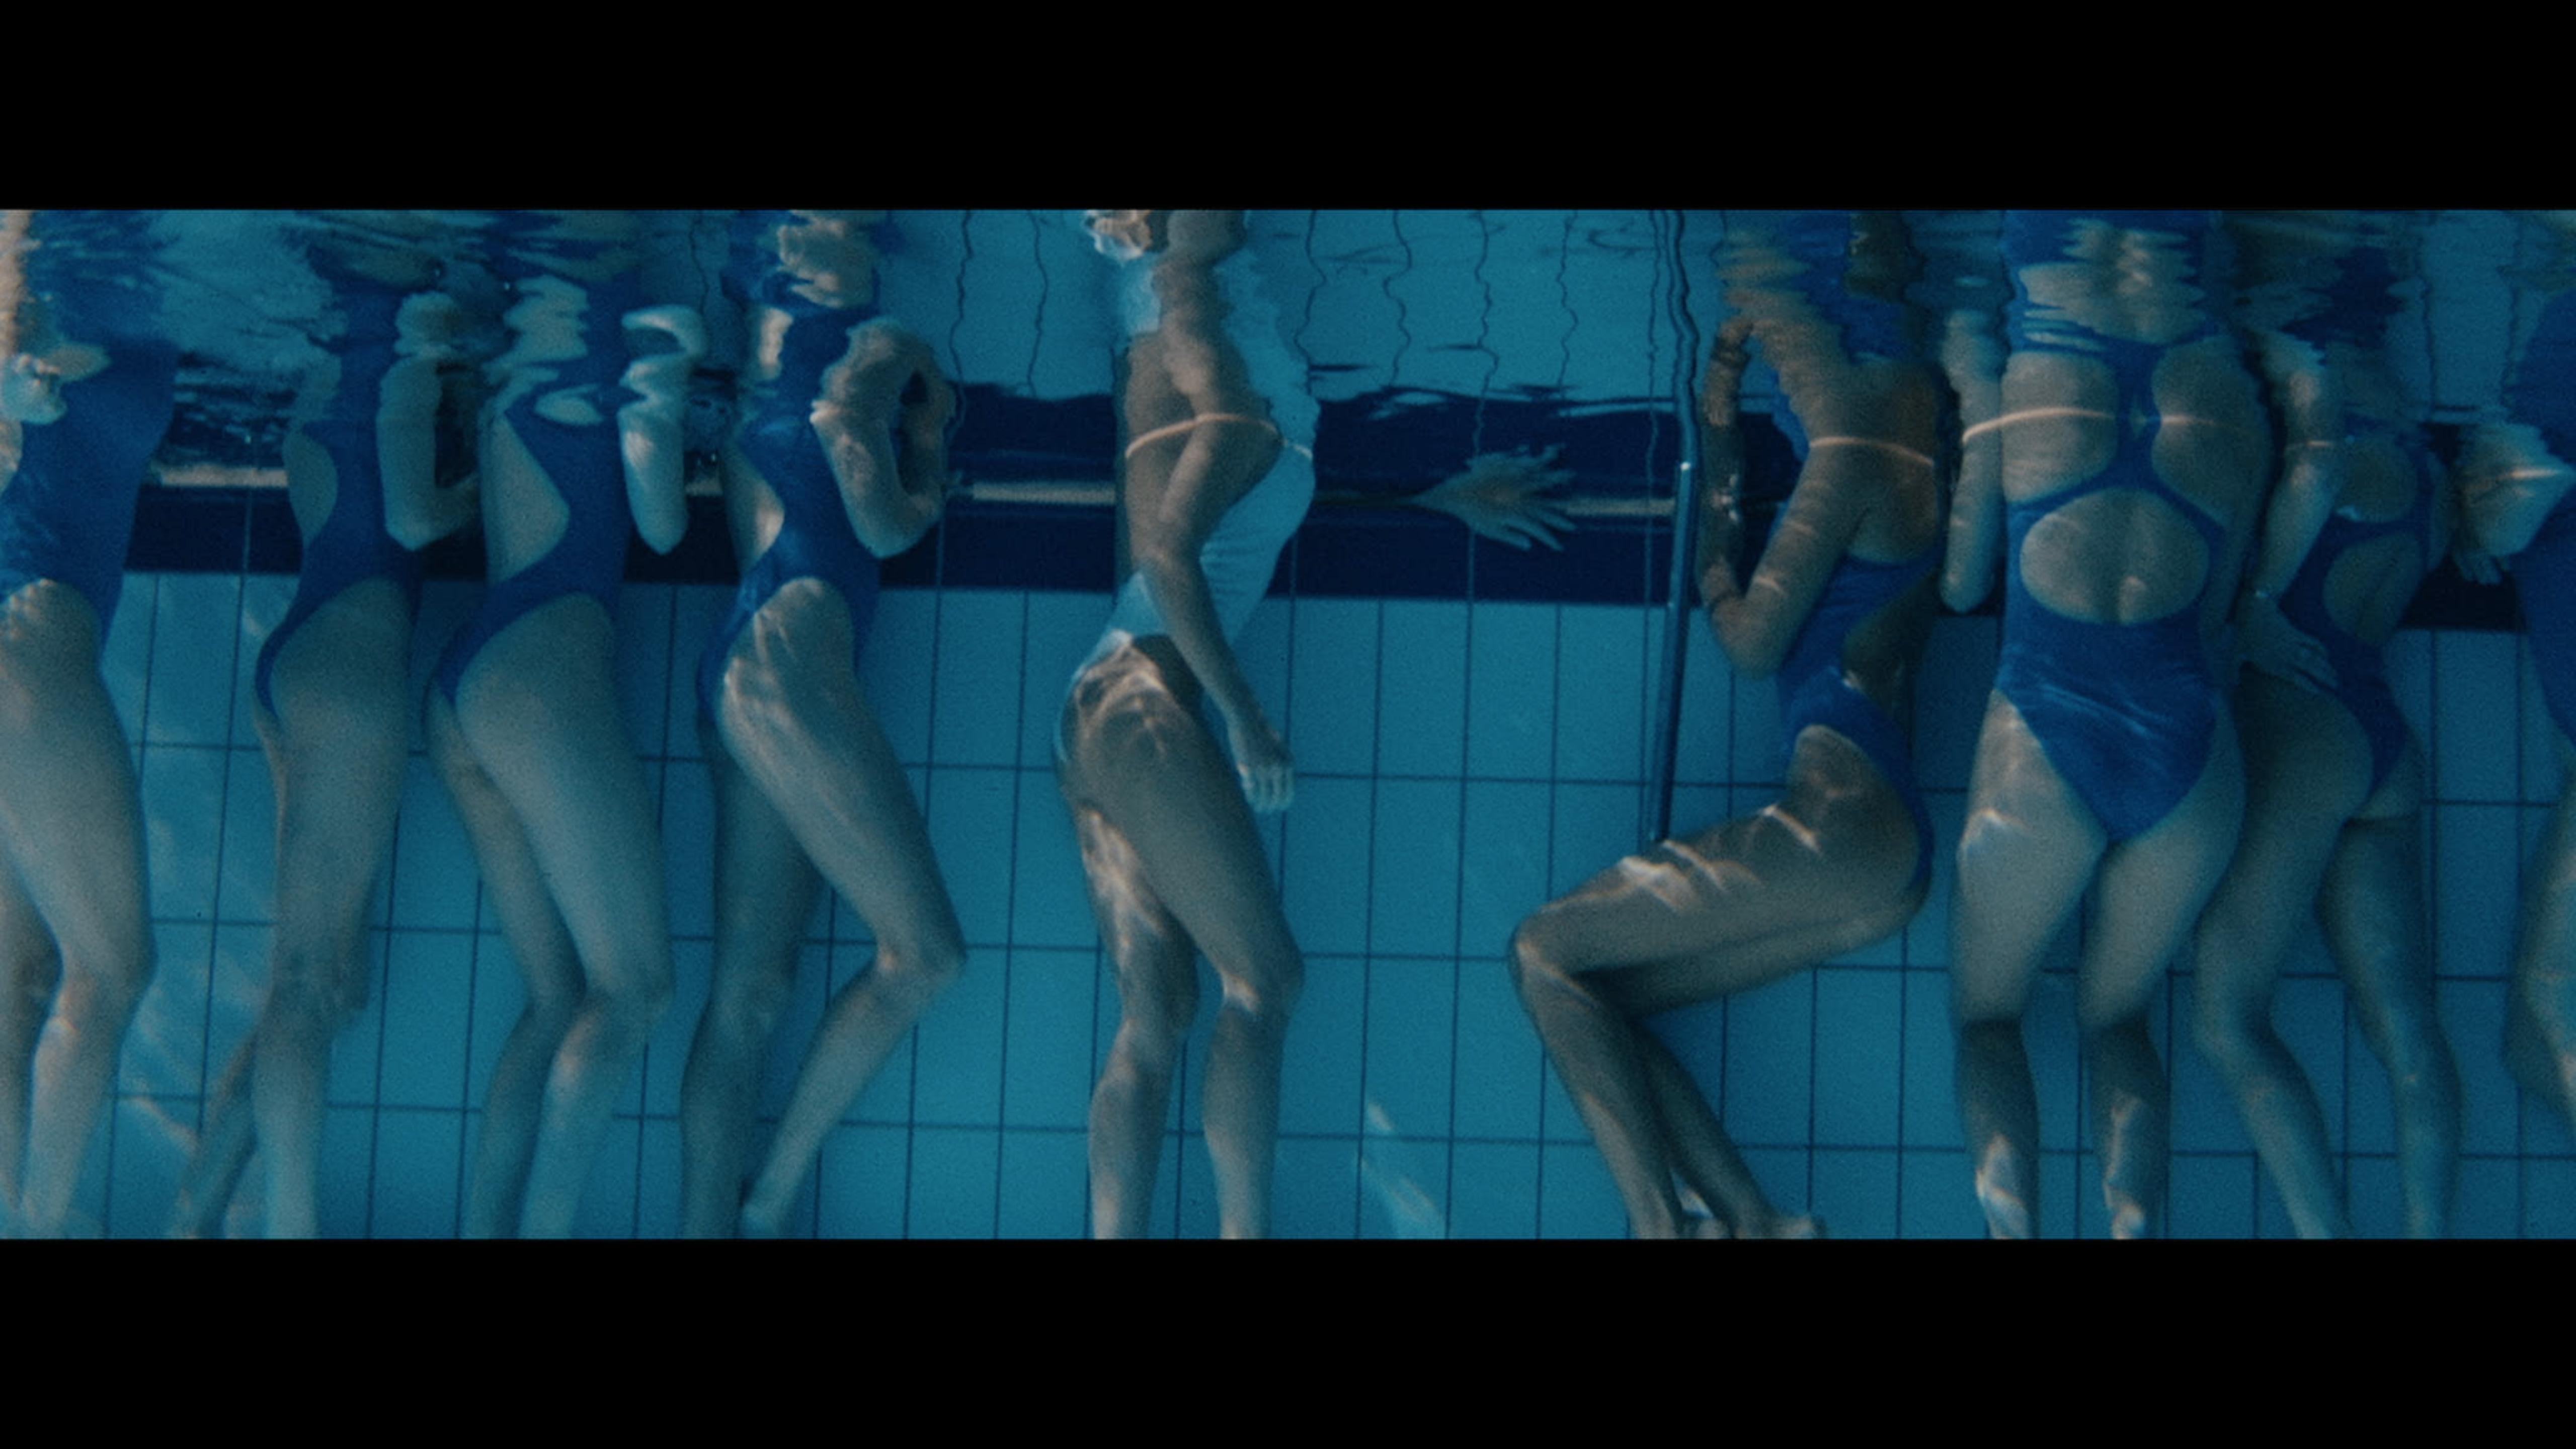 світлини із фильма Фільм - Літо, Дзиґа, Love.